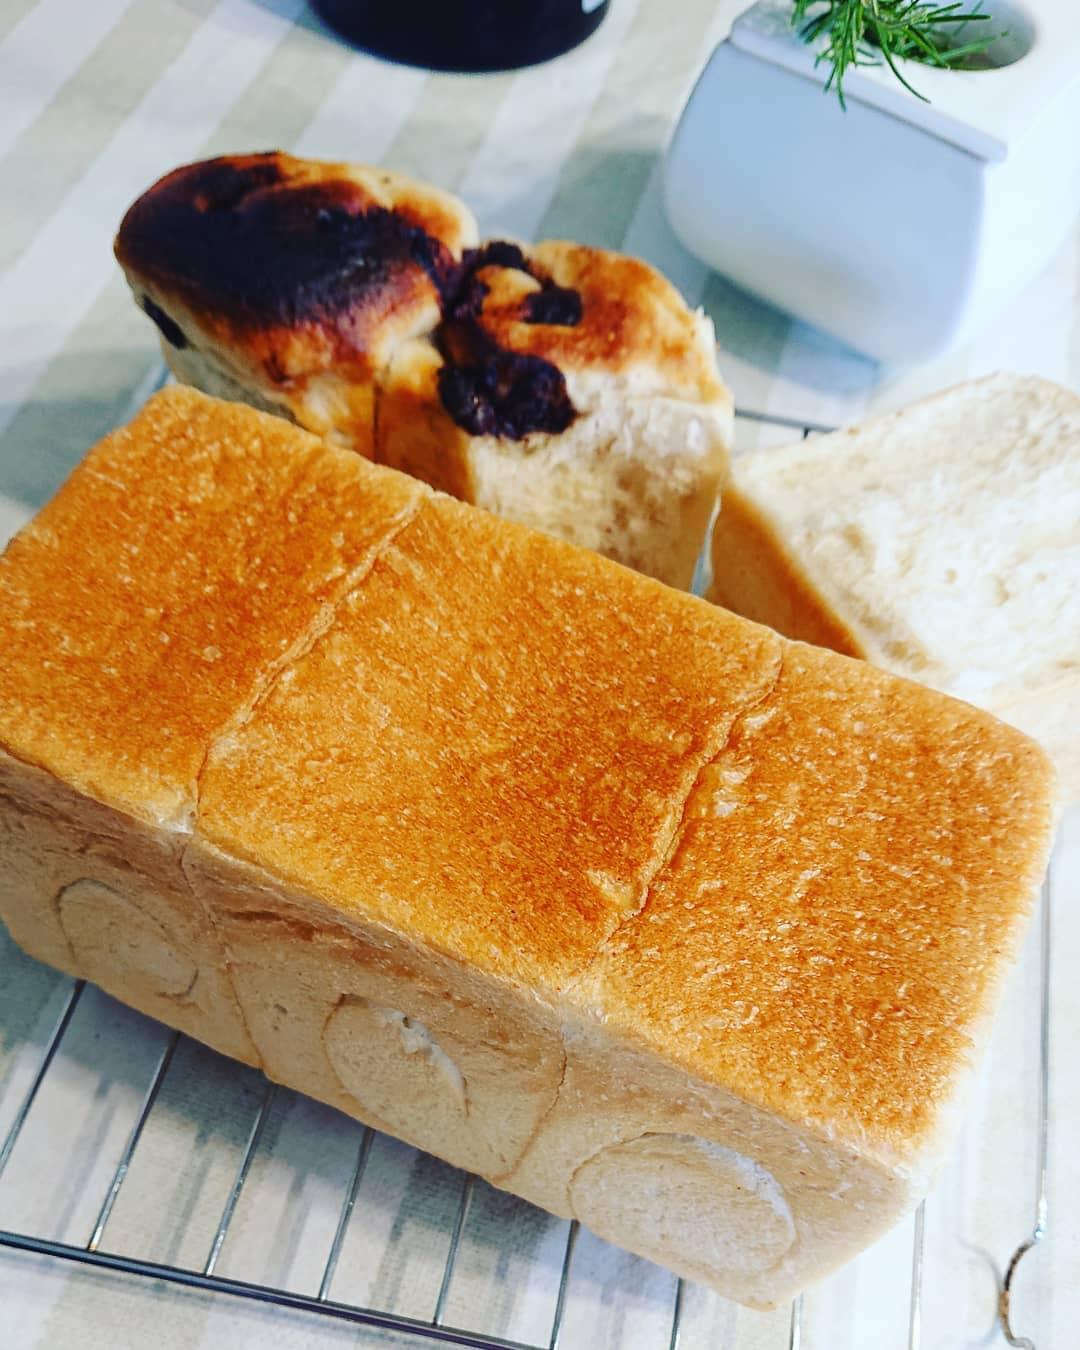 やっと出来た️ 食パン過発酵だったり、焦げたり、型から溢れたりオーブンに慣れるまで色々あったけど、やっと思い通りに焼き上がりました\(^^)/素直に嬉しい🥰#作る喜び #食パン #オーブン #いいかおり (Instagram)